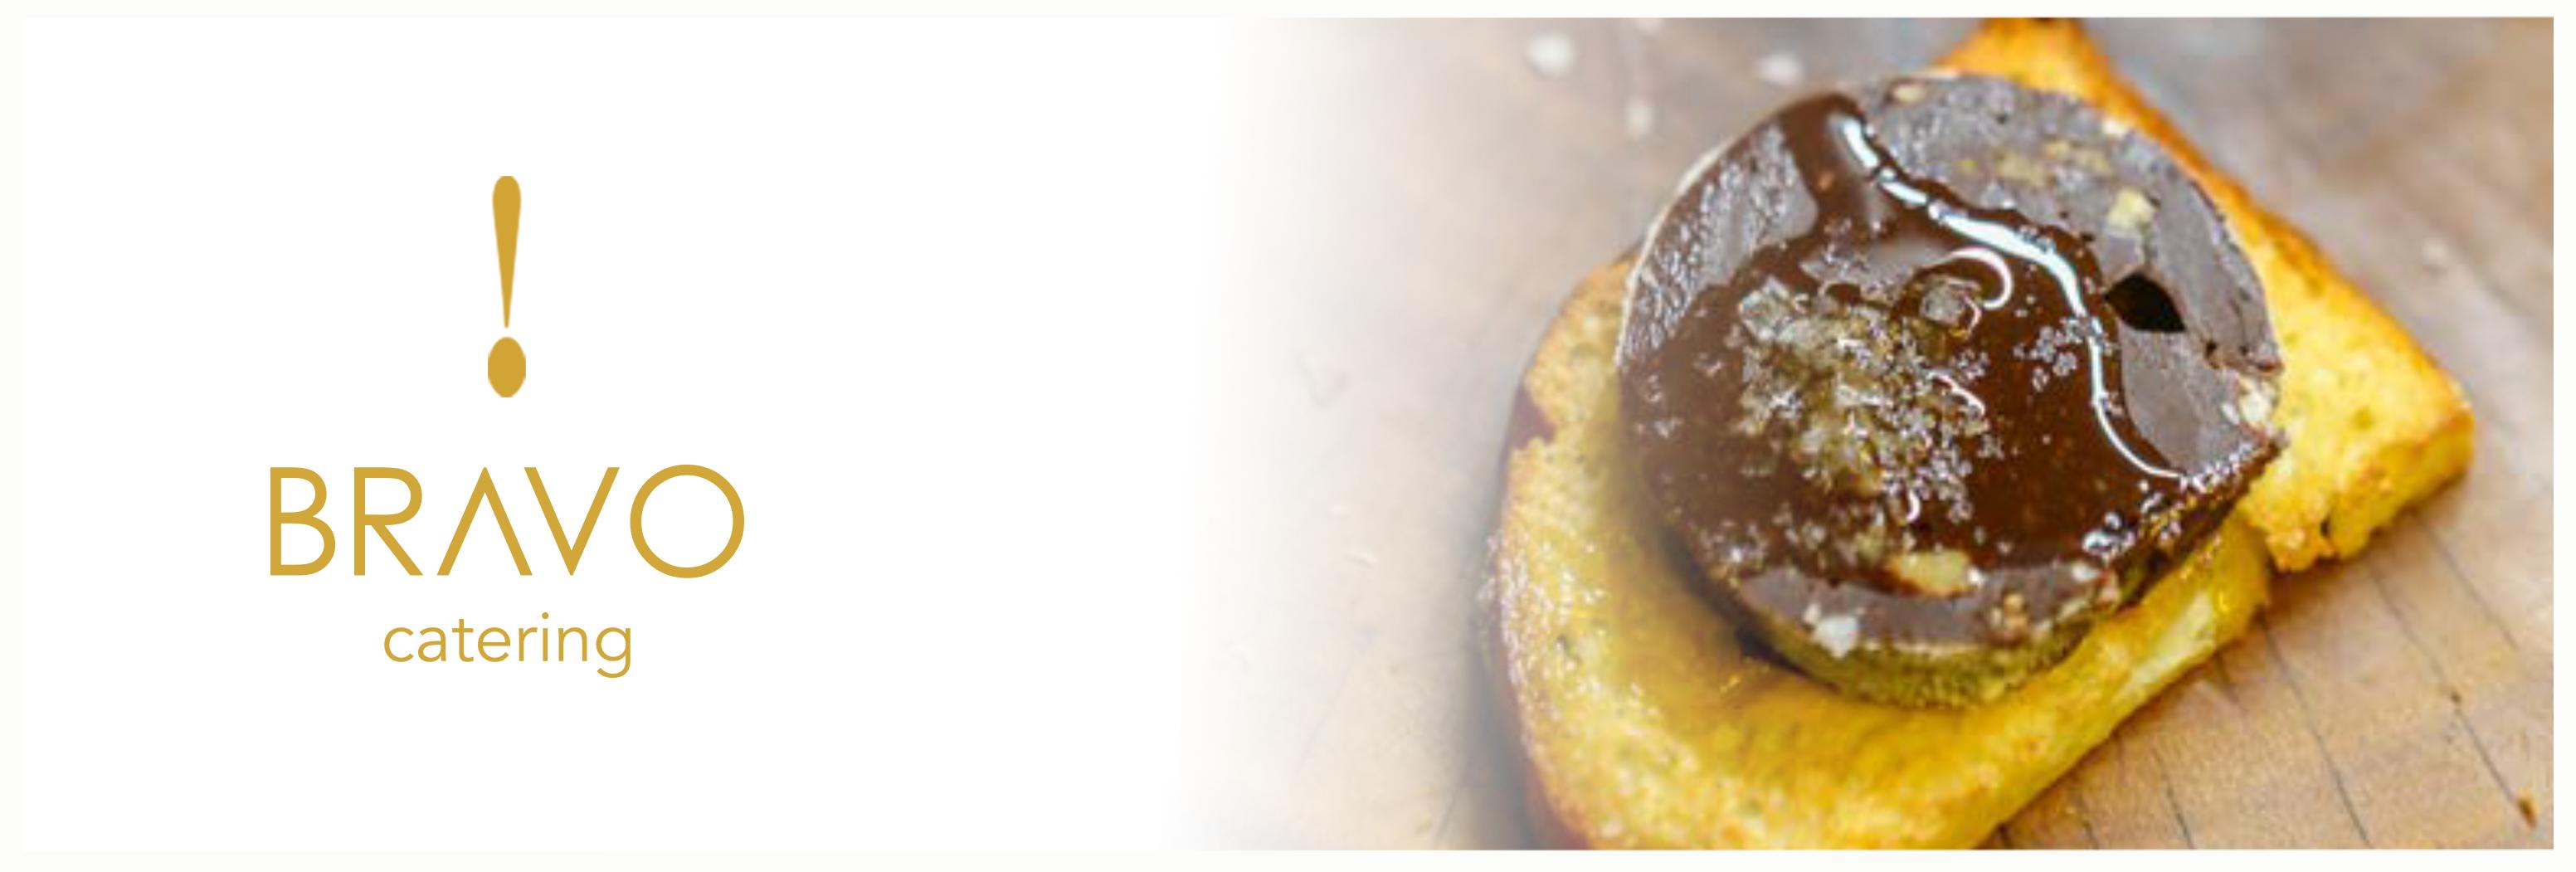 Embutido de chocolate com torradas de brioche